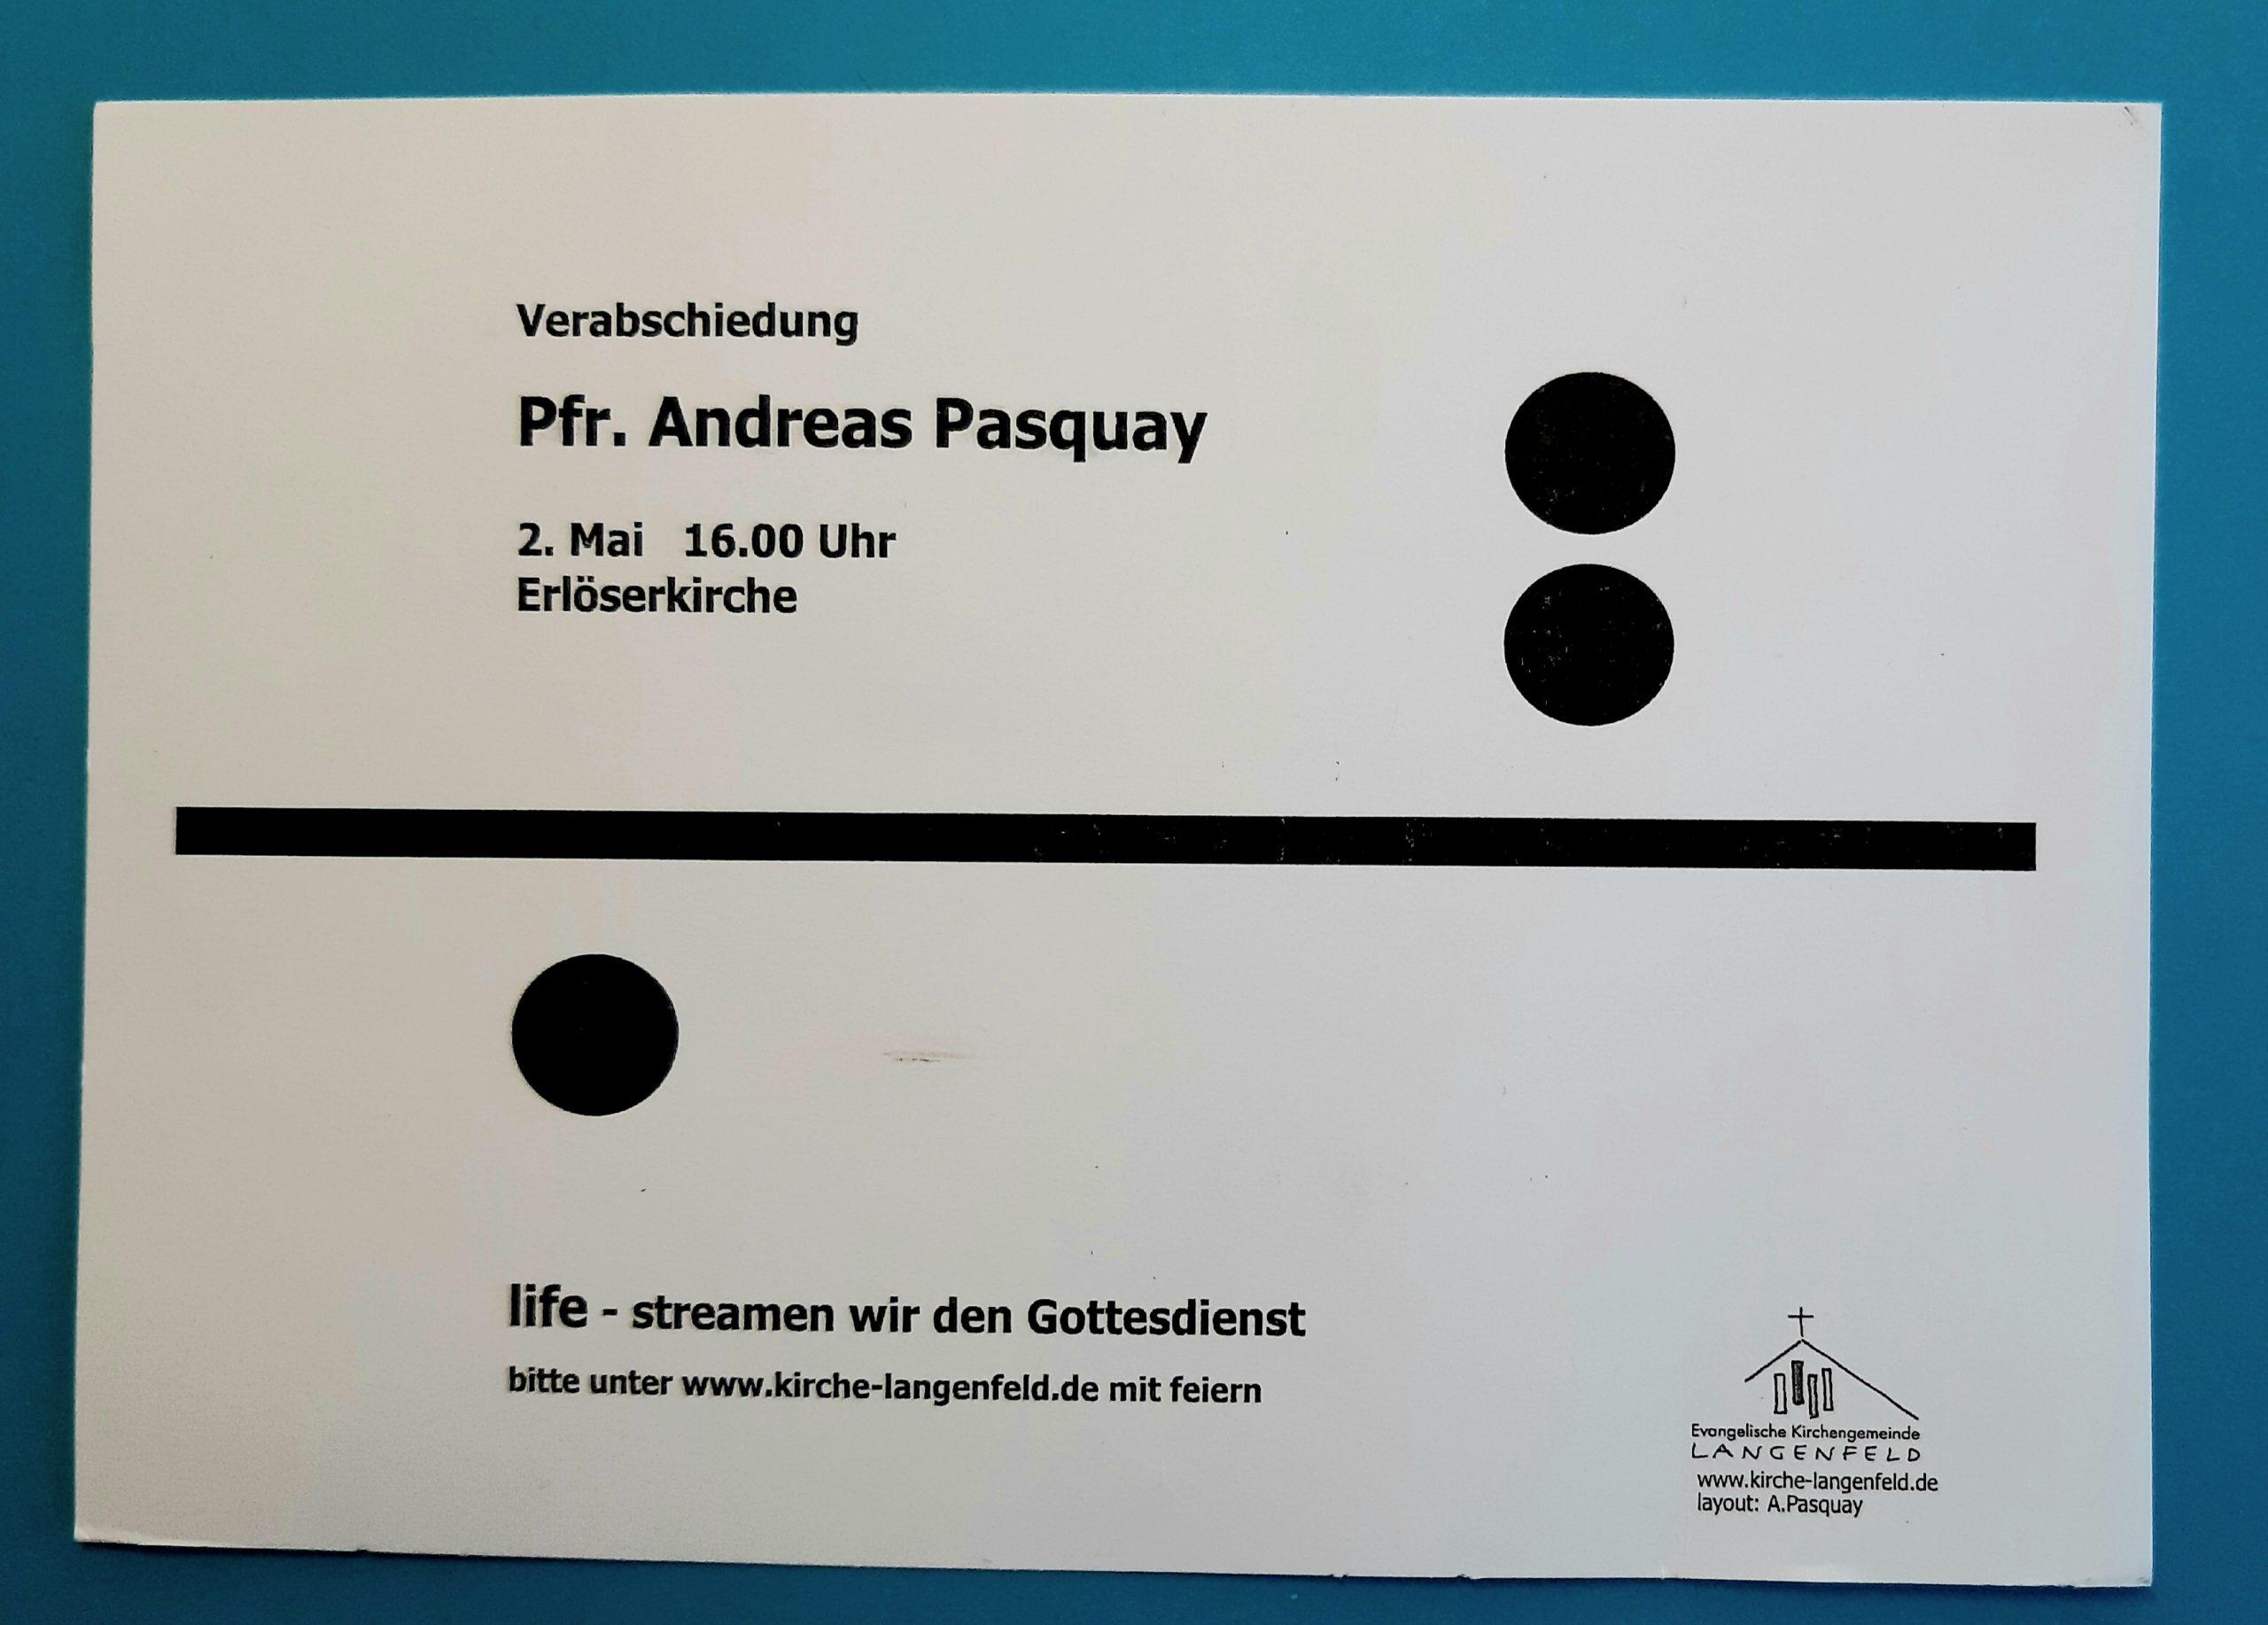 Verabschiedung von Pfarrer Andreas Pasquay 2. Mai 2021 – Zusammenfassung